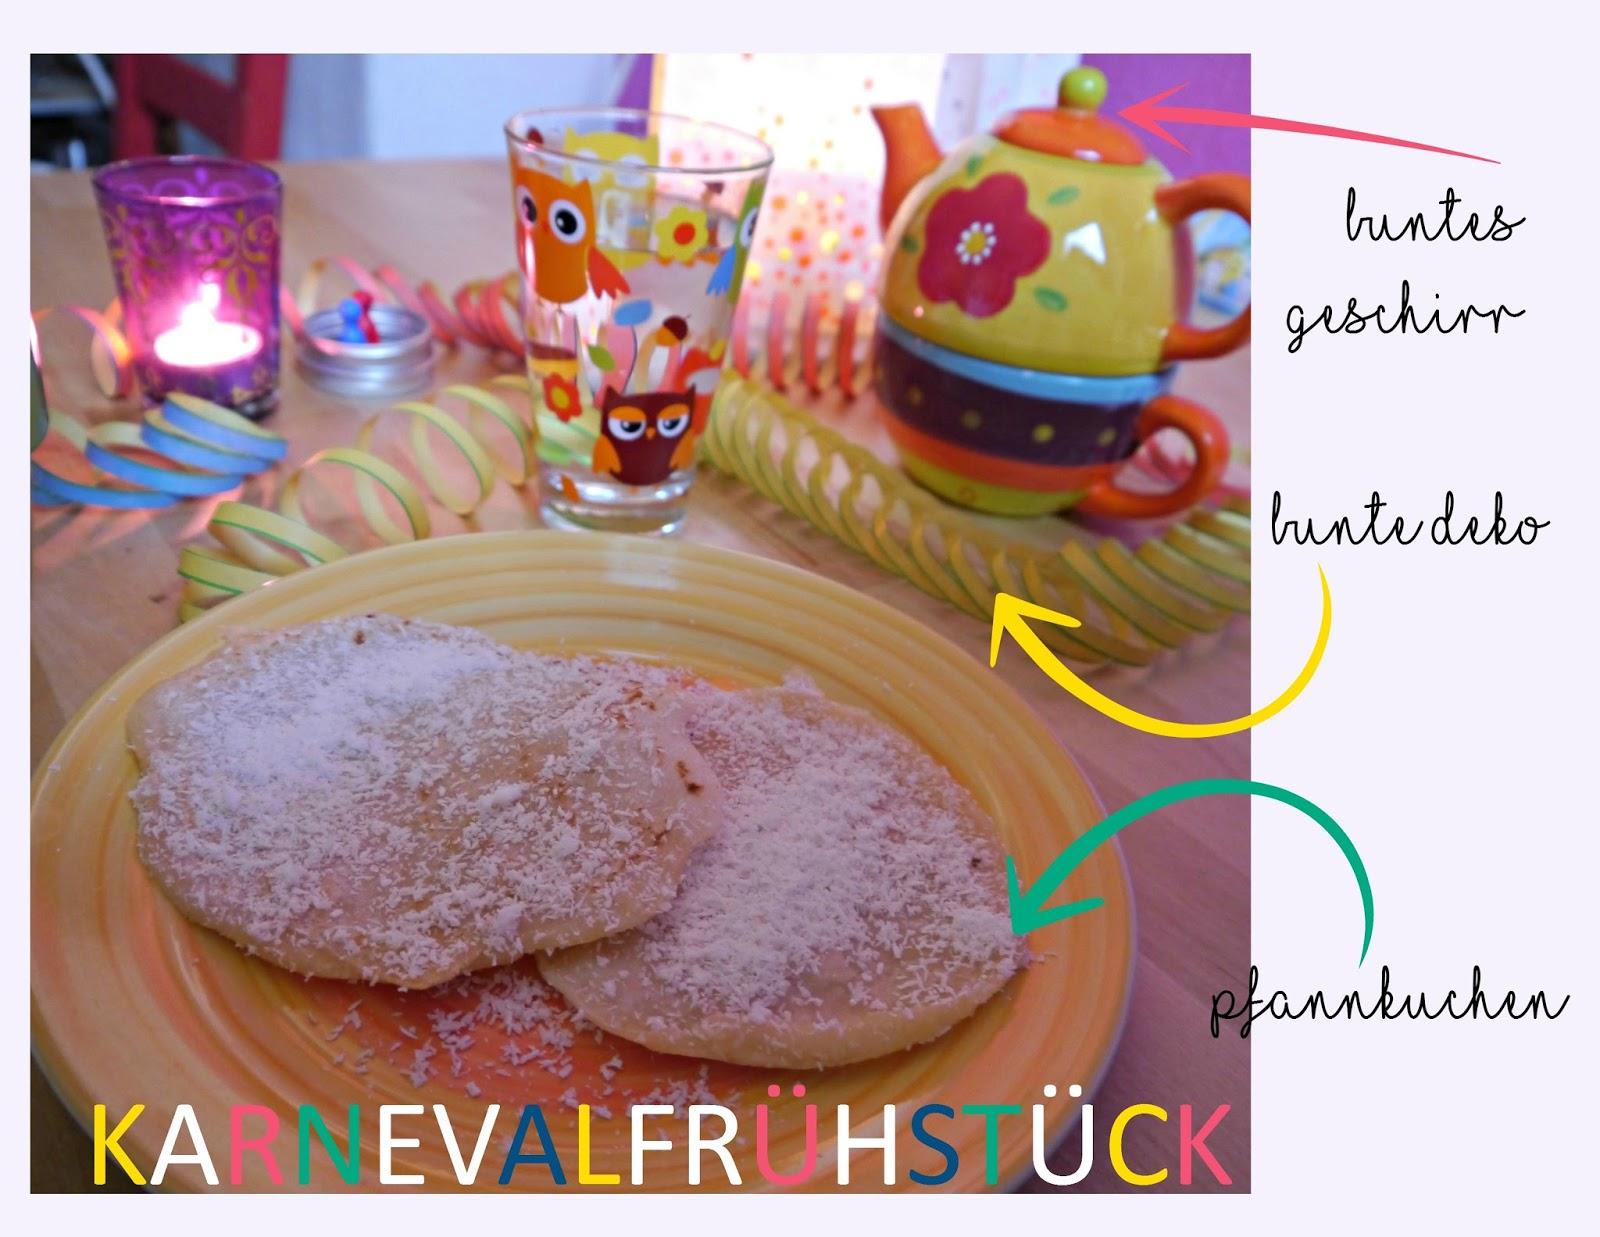 Karneval Frühstück so geht es